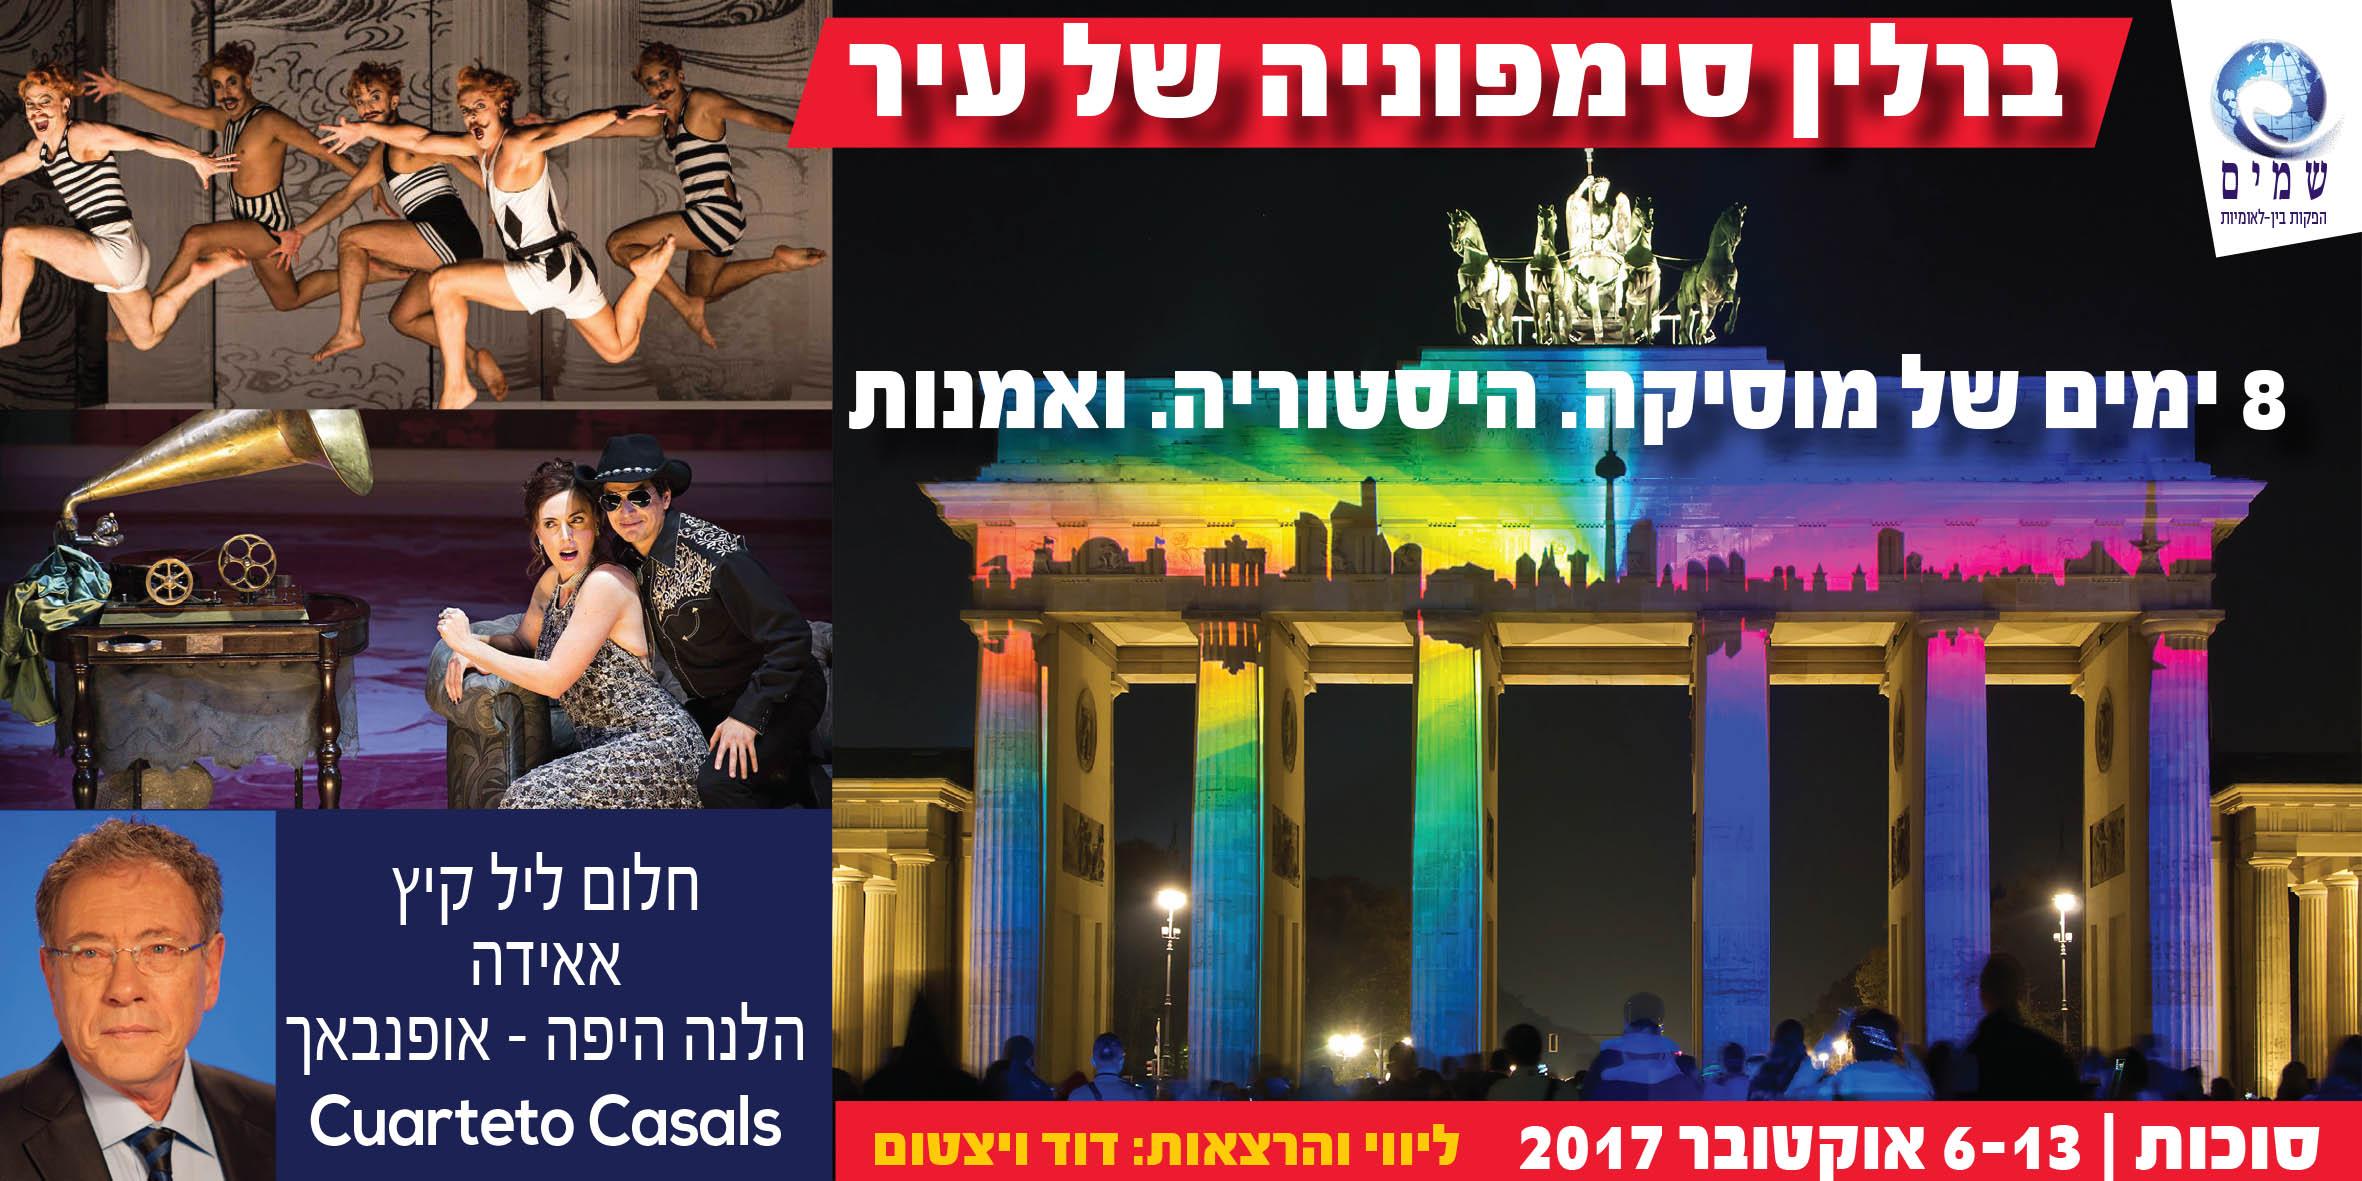 ברלין סימיפוניה של עיר סוכות אוקטובר 2017